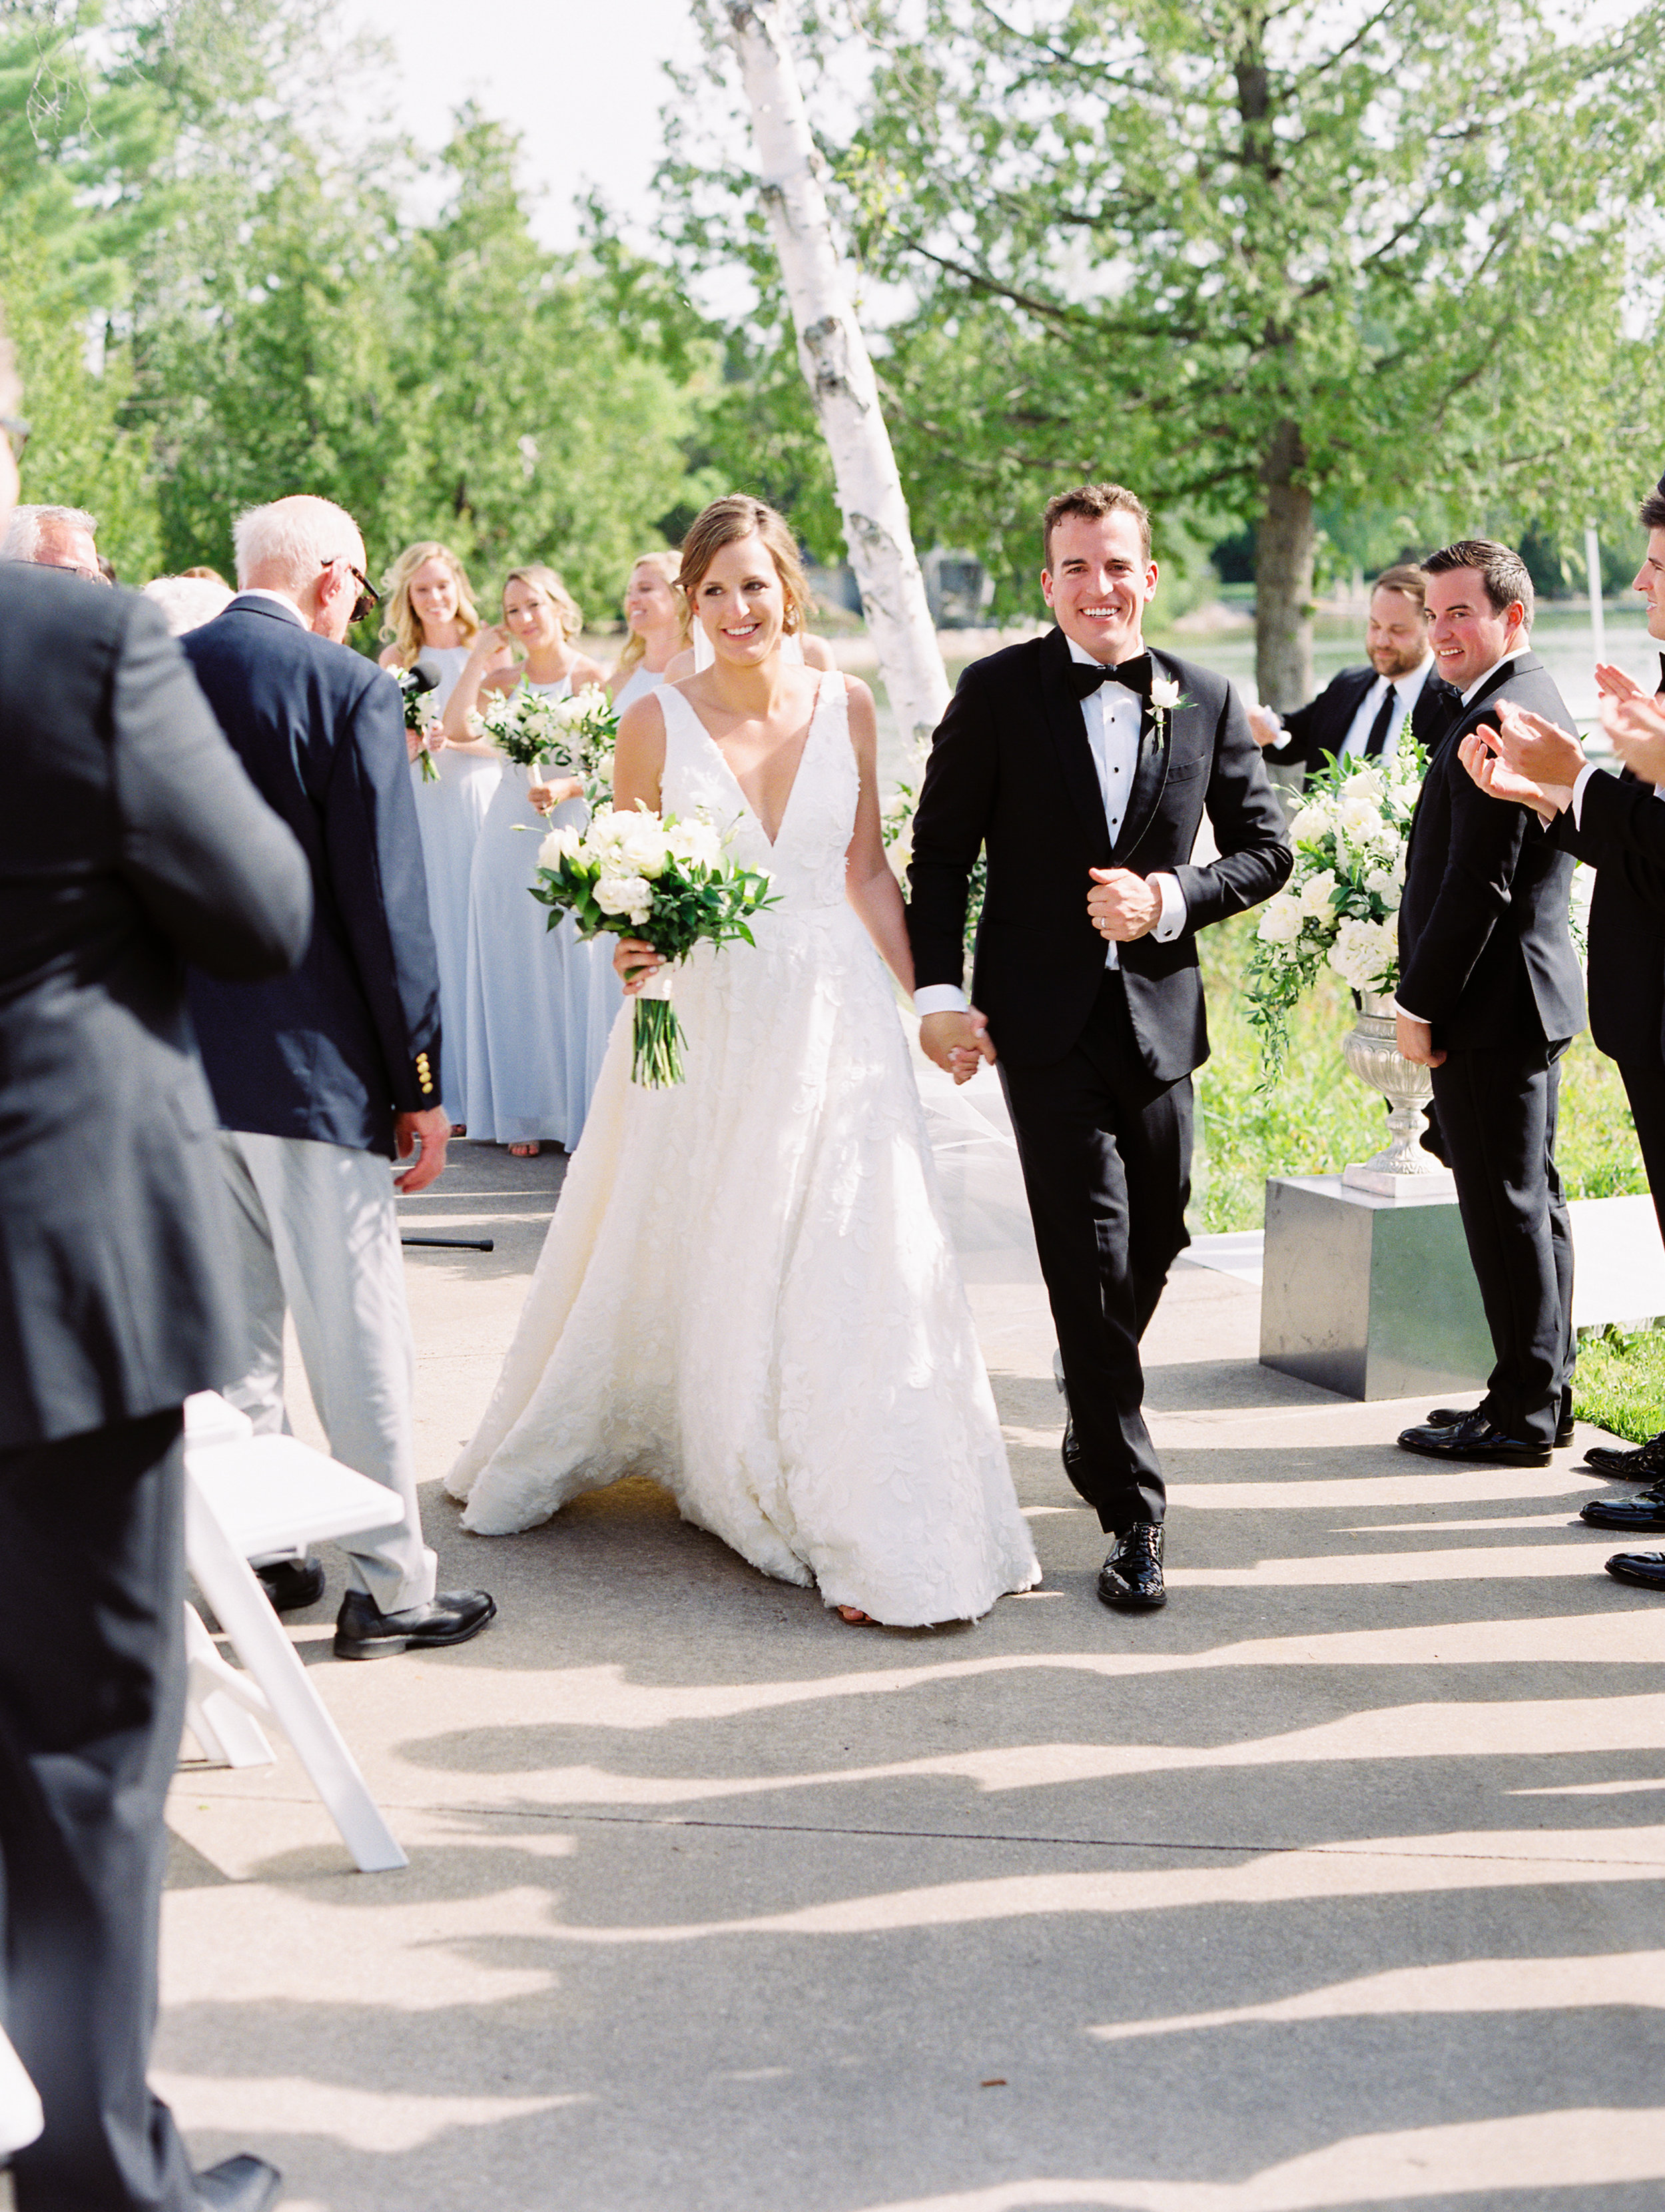 DeGuilio+Wedding+Ceremonyf-28.jpg